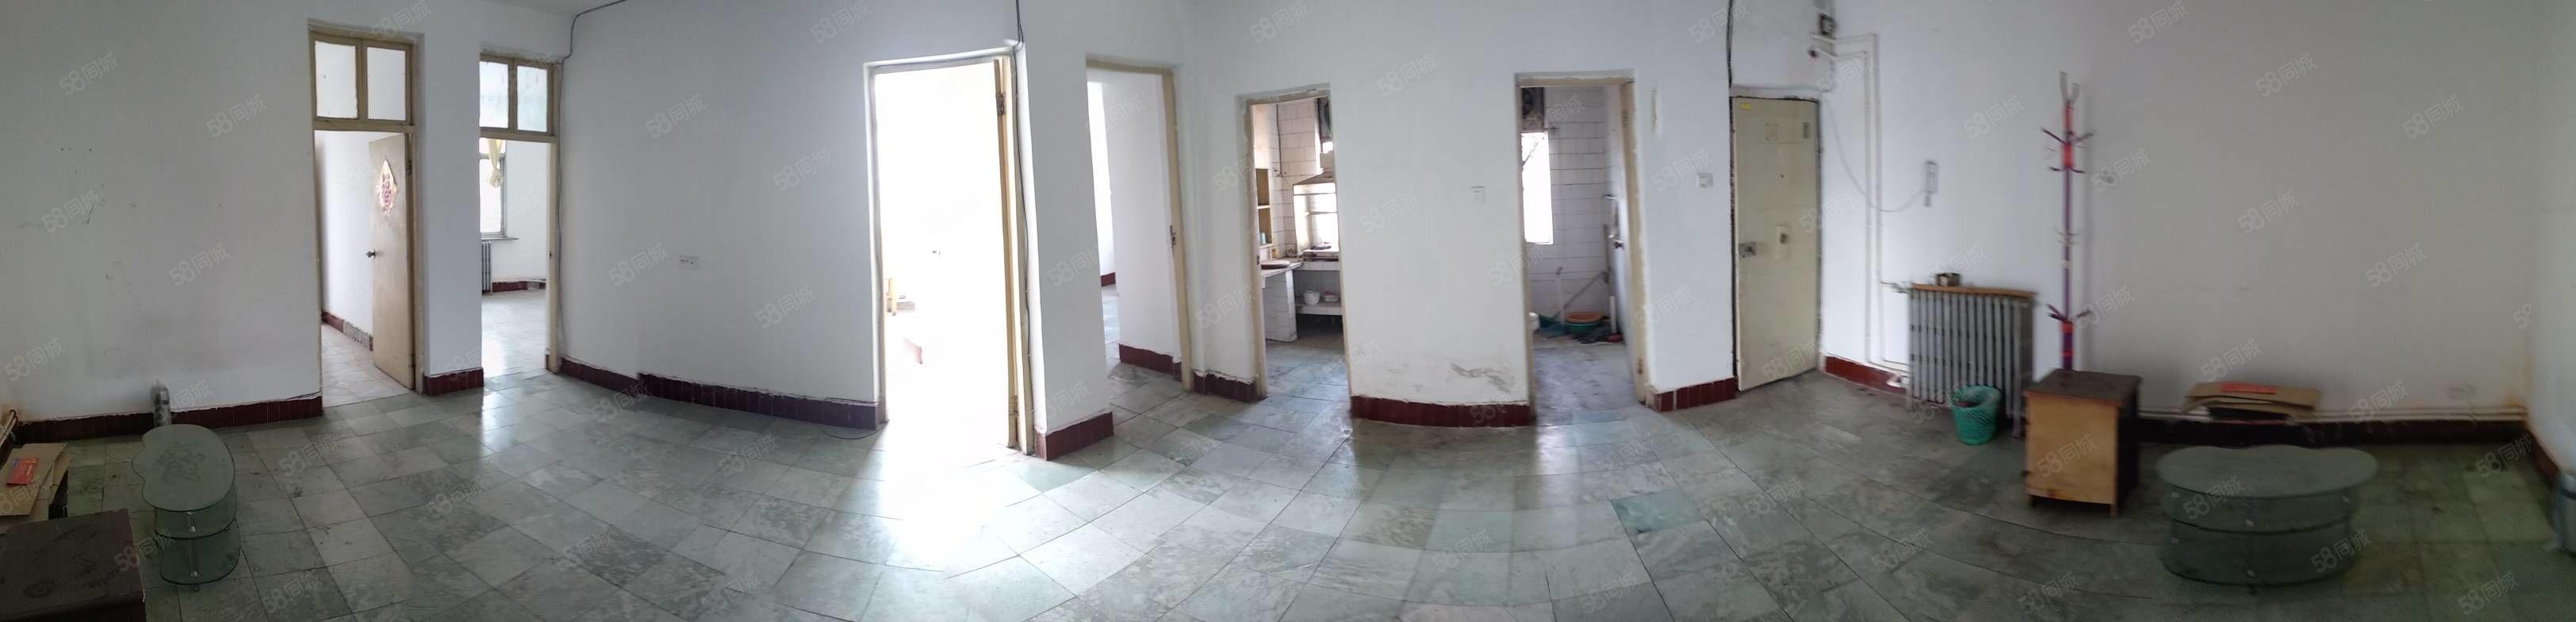 劳动路民政医院附近4楼100平3上厅46万有证可贷款